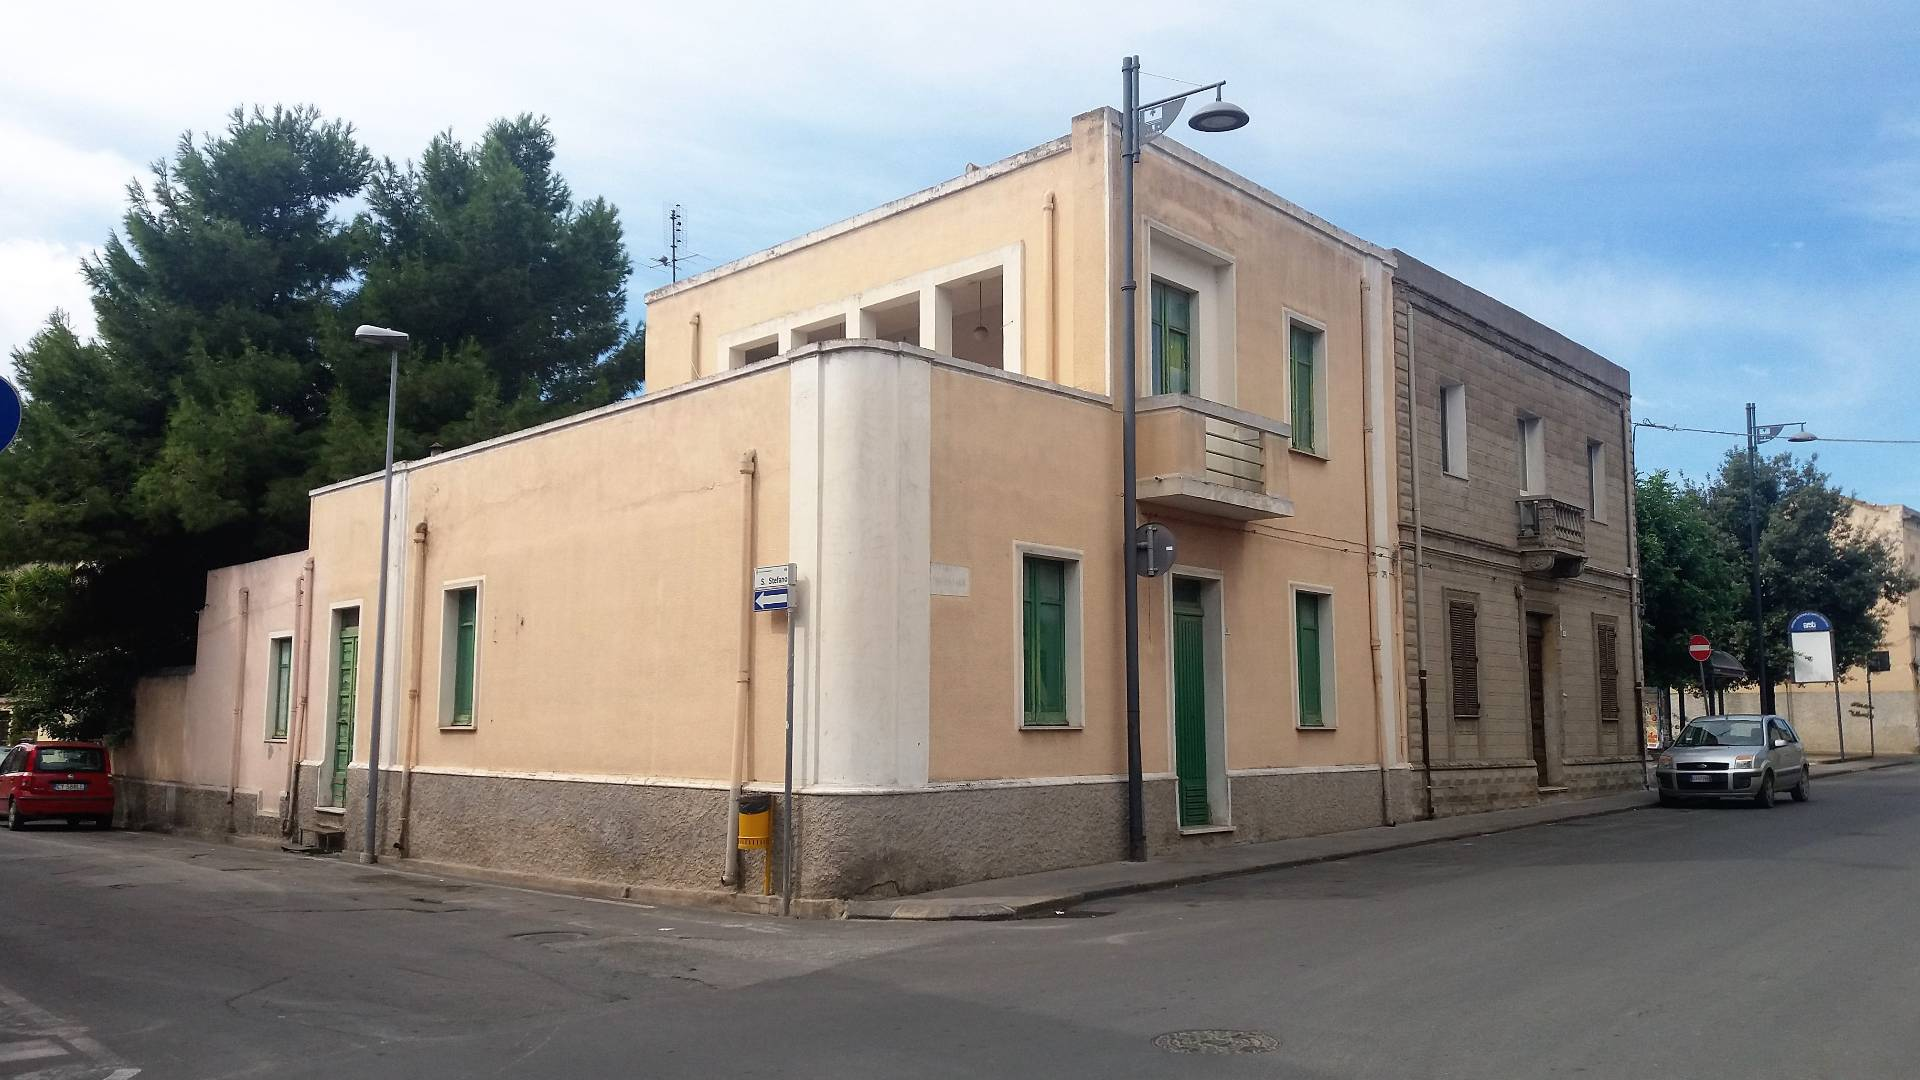 Soluzione Indipendente in vendita a Maracalagonis, 7 locali, prezzo € 130.000 | Cambio Casa.it